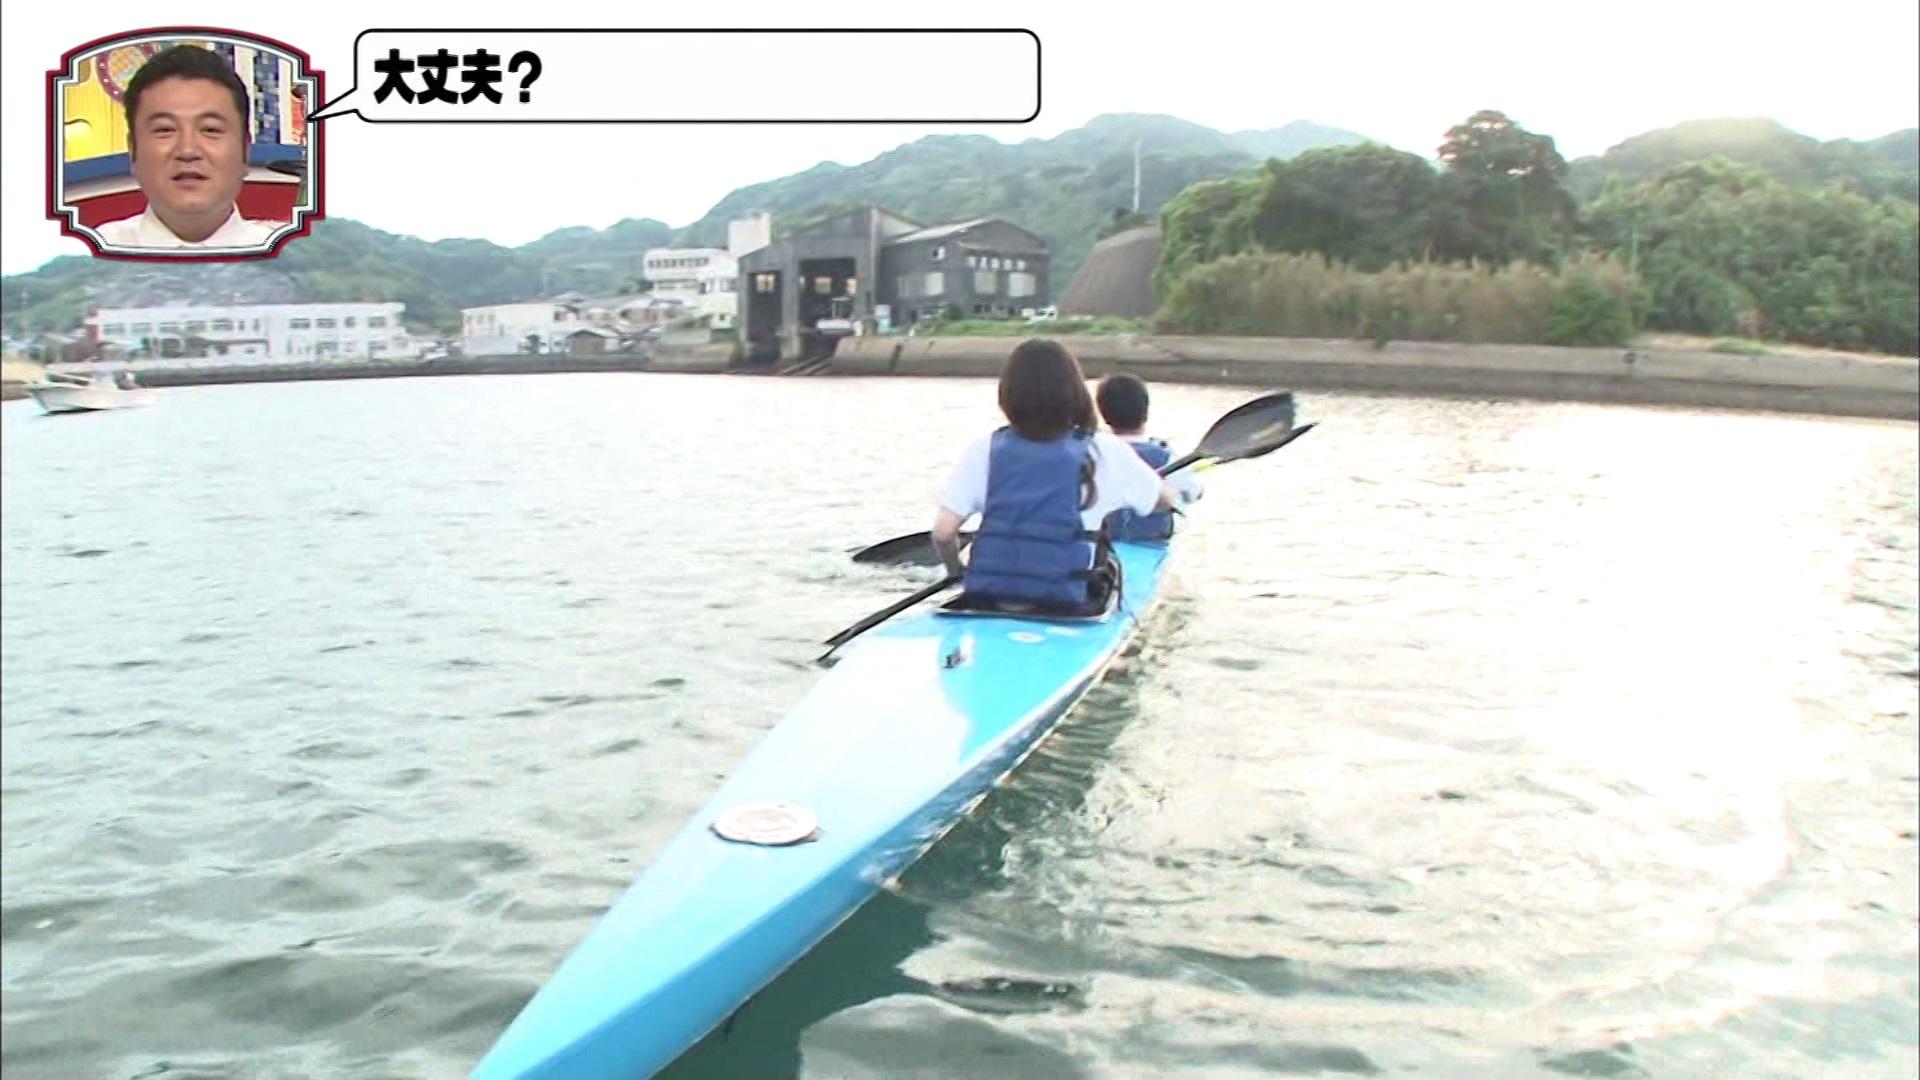 笑ってコラえて!10月3時間SP・吉岡里帆さんのテレビキャプチャー画像-259